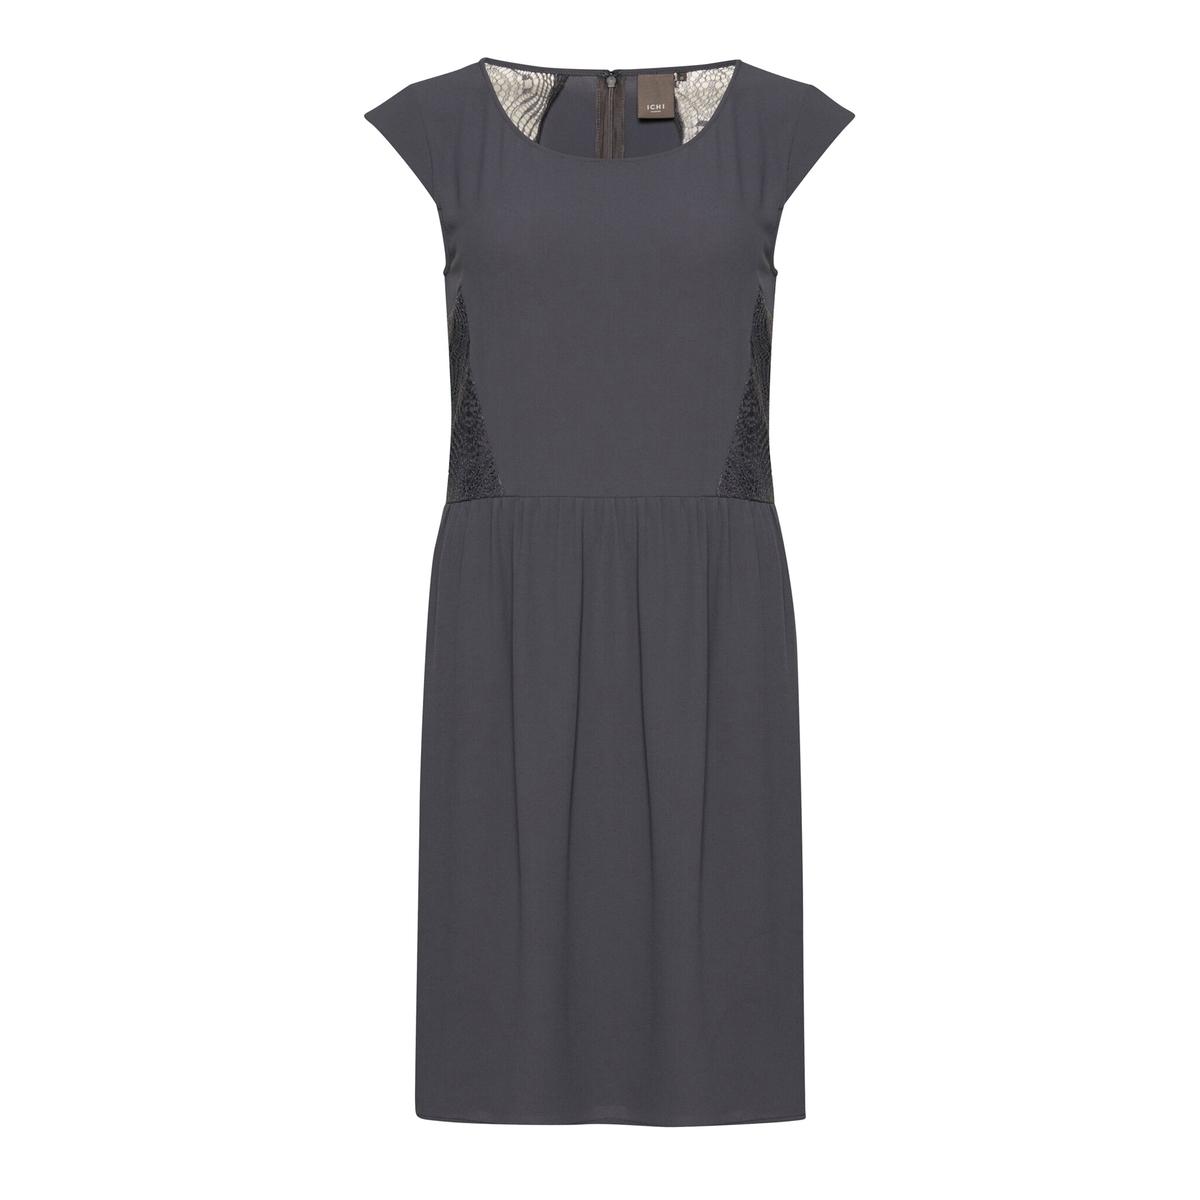 Платье из струящейся ткани с короткими рукавами BLAKEСостав и описаниеМарка: ICHI.Модель: BLAKE.Материалы: 97% полиэстера, 3% эластана.<br><br>Цвет: синий